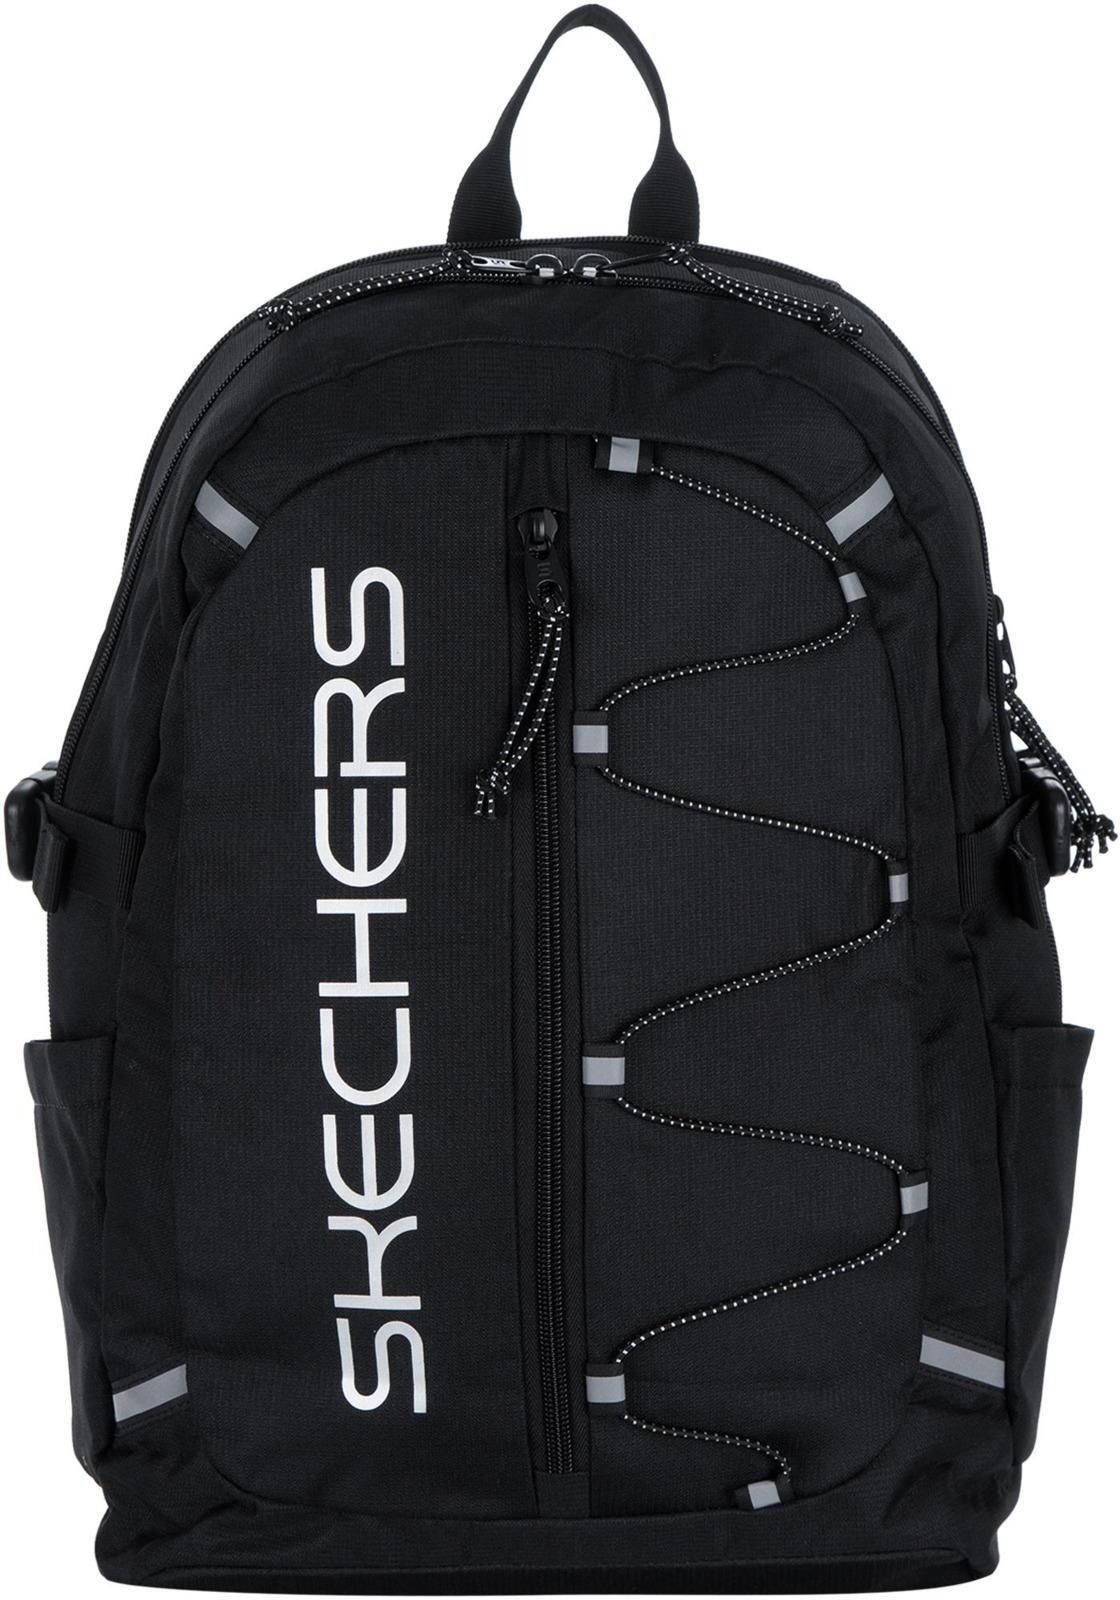 Рюкзак мужской Skechers Backpack, S735-99, черный рюкзак спортивный мужской adidas цвет синий dm7680